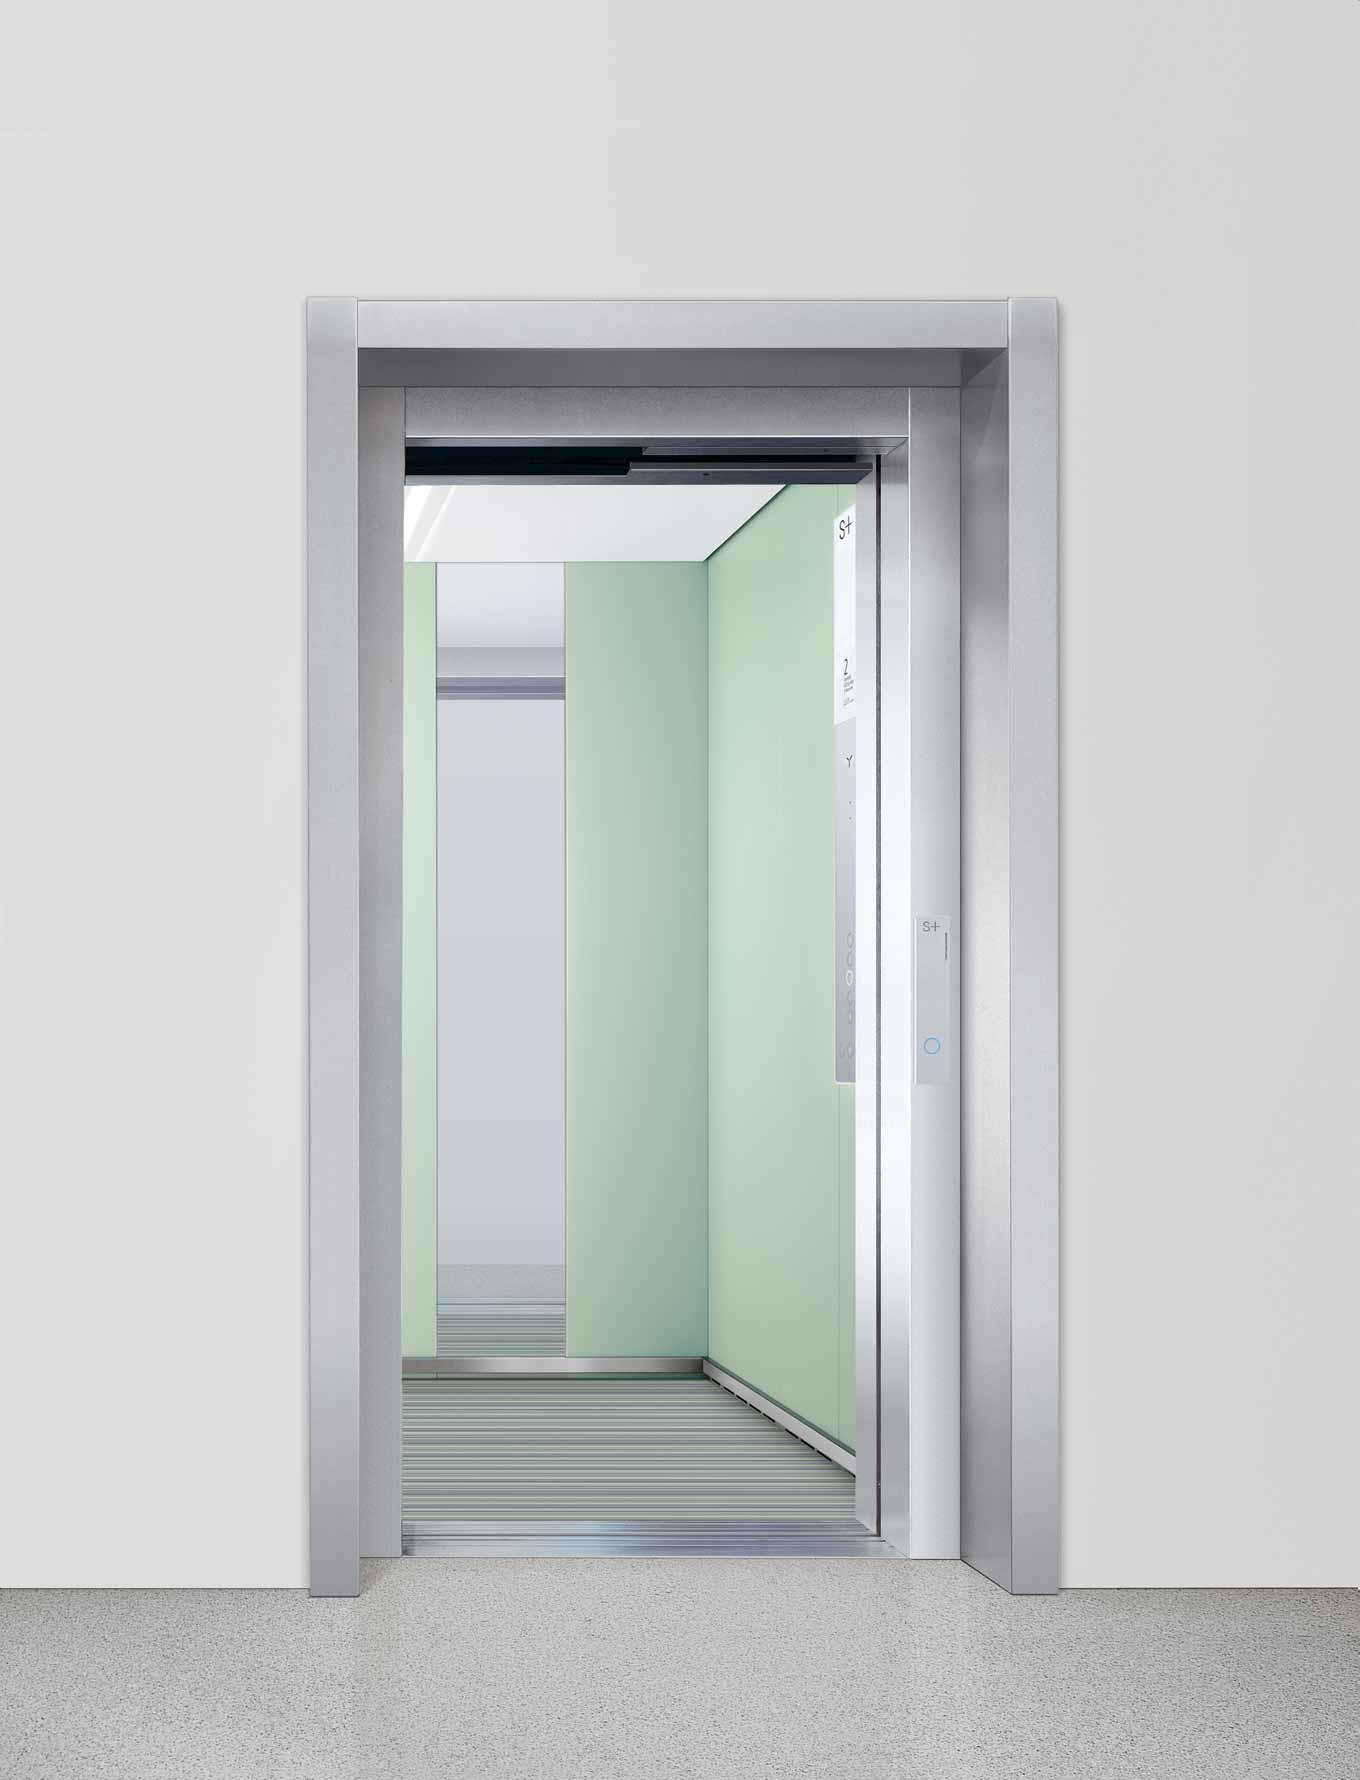 isi 2040 der aufzug hochwertig und tausenfach bew hrt. Black Bedroom Furniture Sets. Home Design Ideas